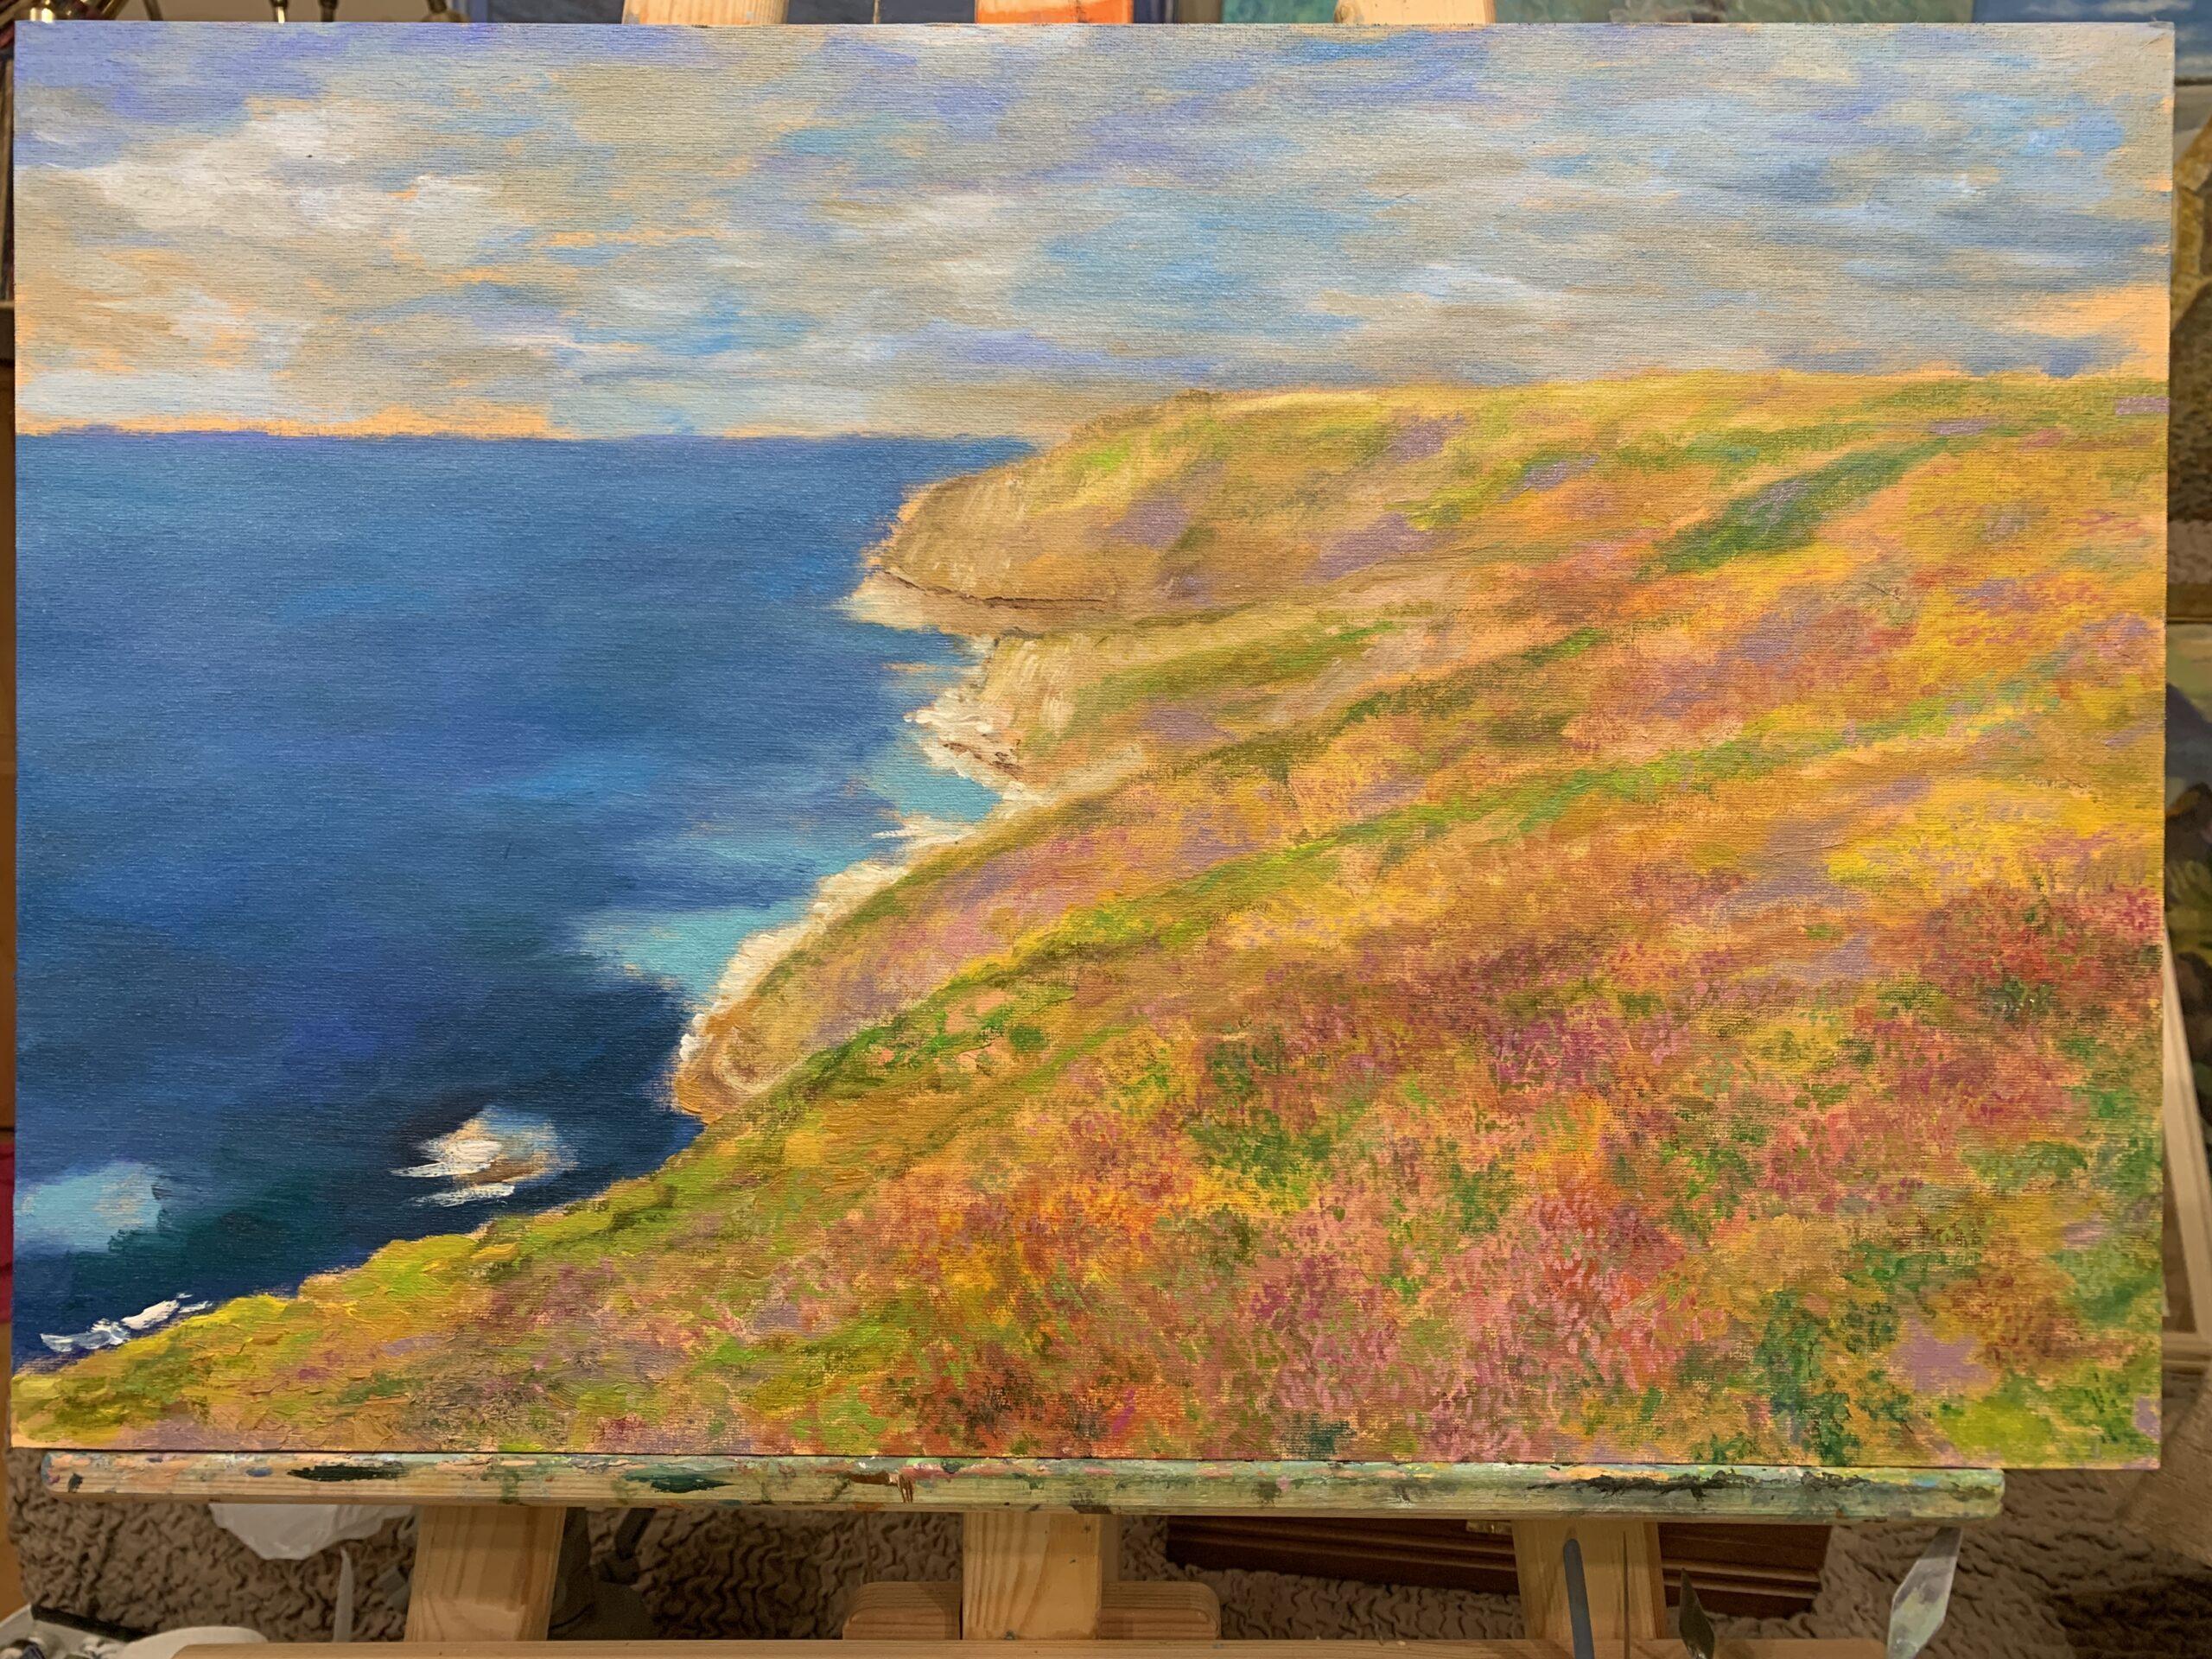 Бретань Cap Frehel море скалы небо пейзаж картина художник Альберт Сафиуллин